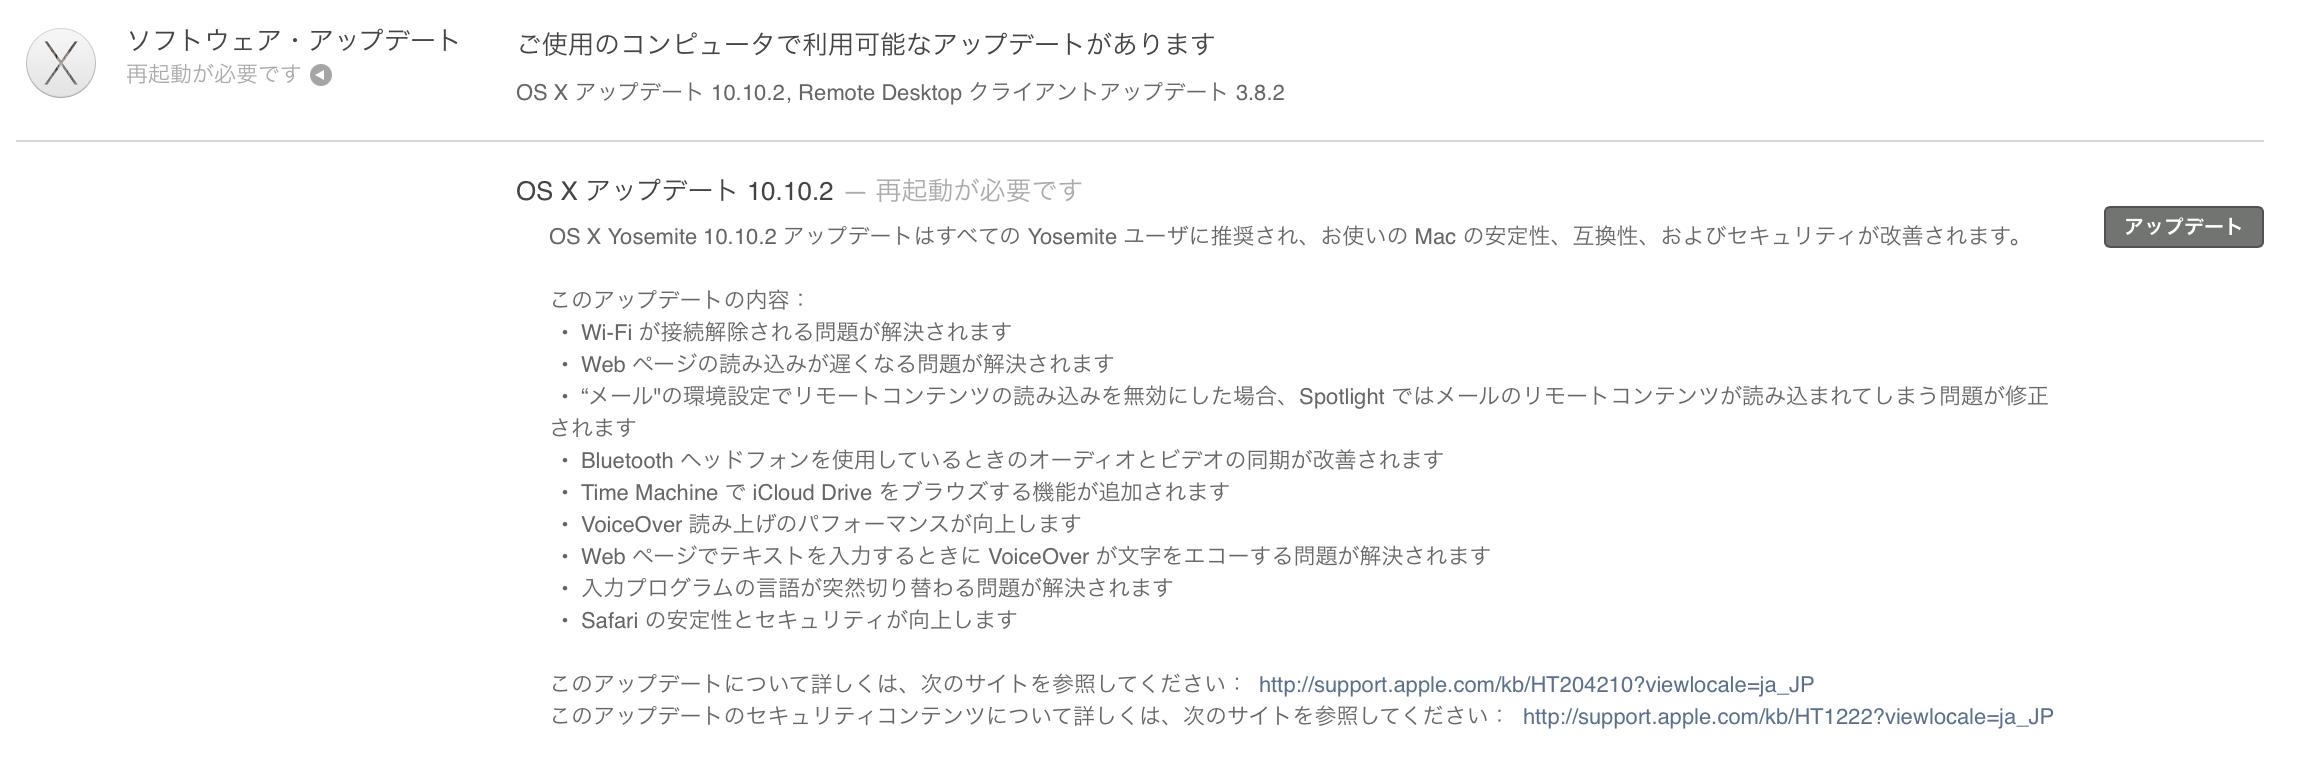 スクリーンショット 2015-01-28 9.13.27